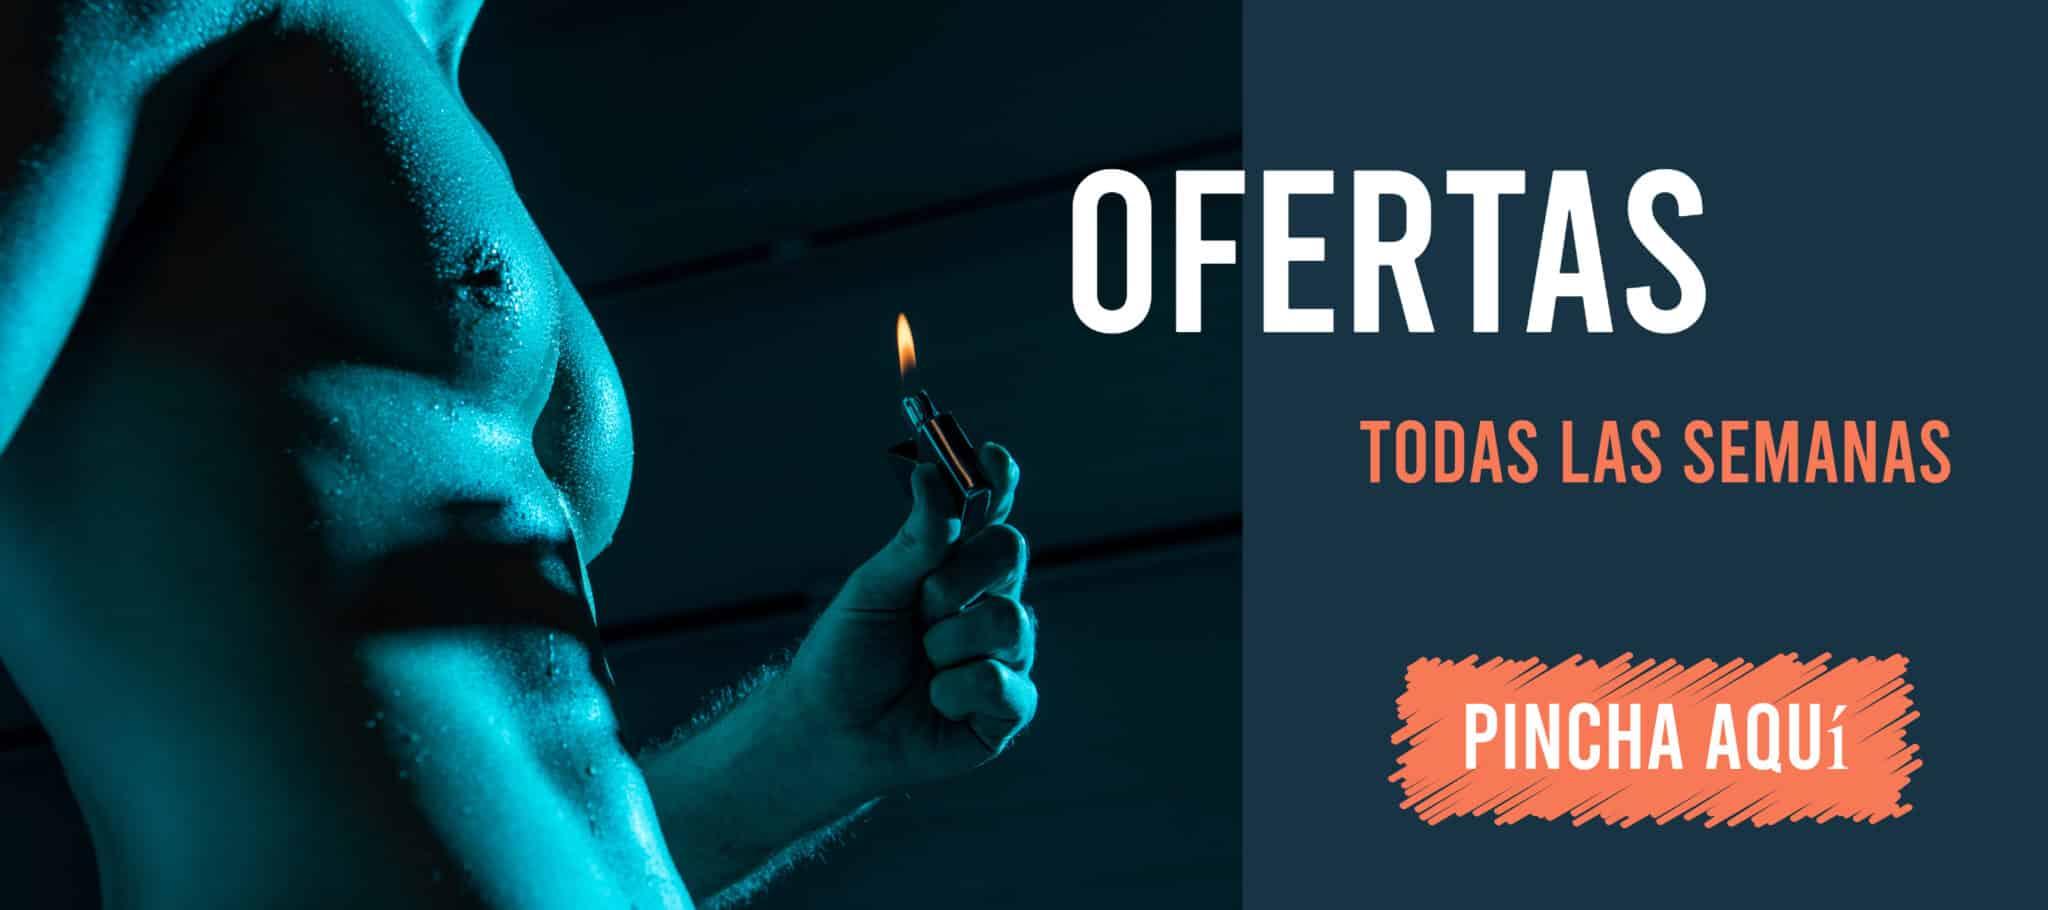 imagen con un torso de hombre con un mechero ofreciendo las ofertas de nuestra tienda online de poppers.